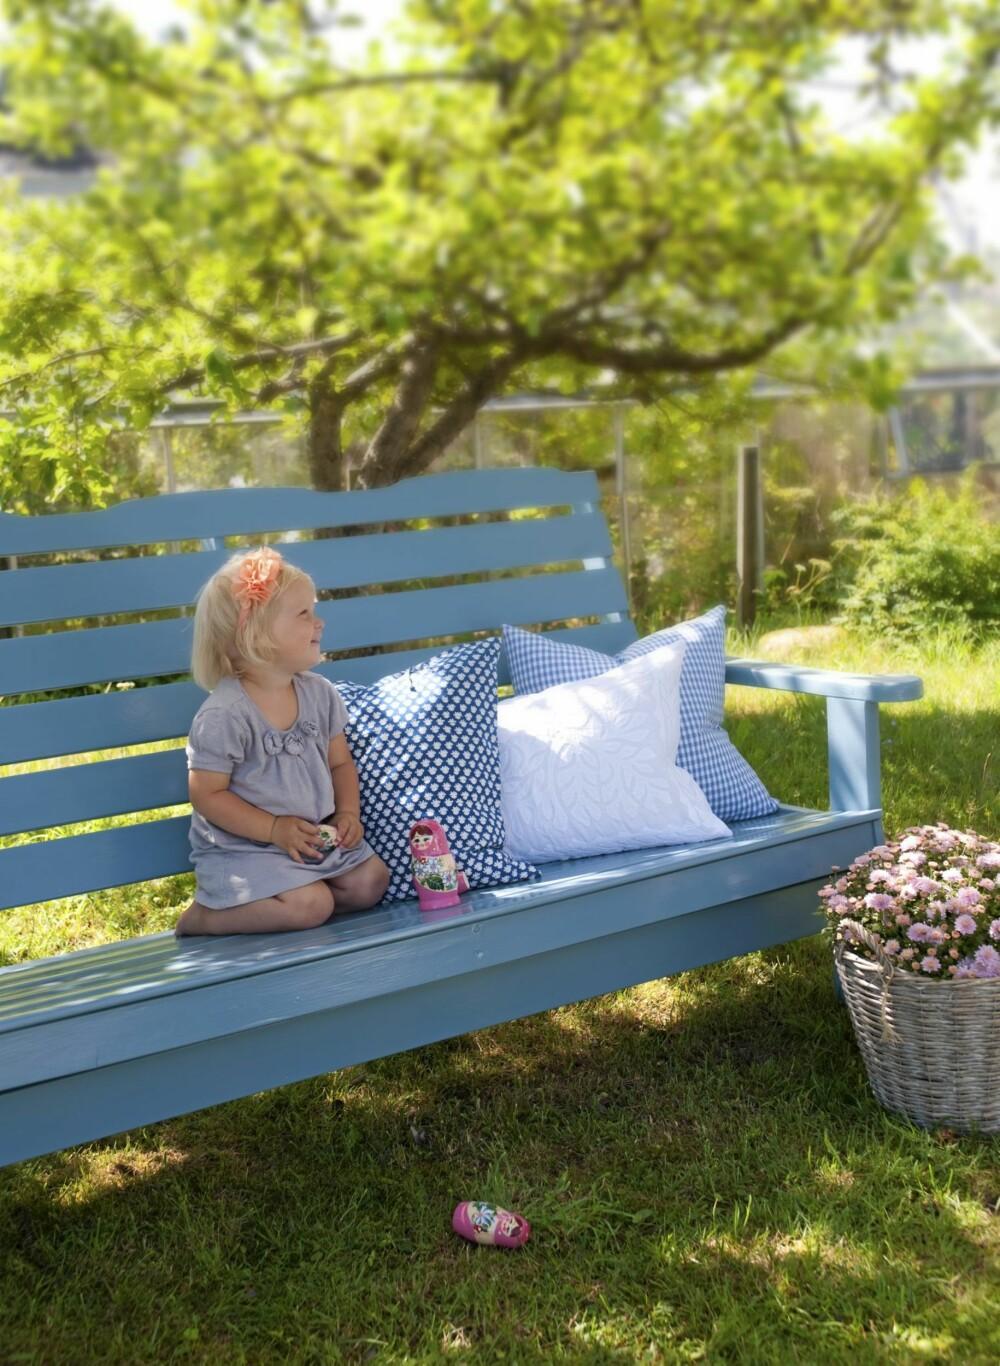 NY MED MALING: Gamle møbler kan bli som nye med litt frisk og fargerik maling.